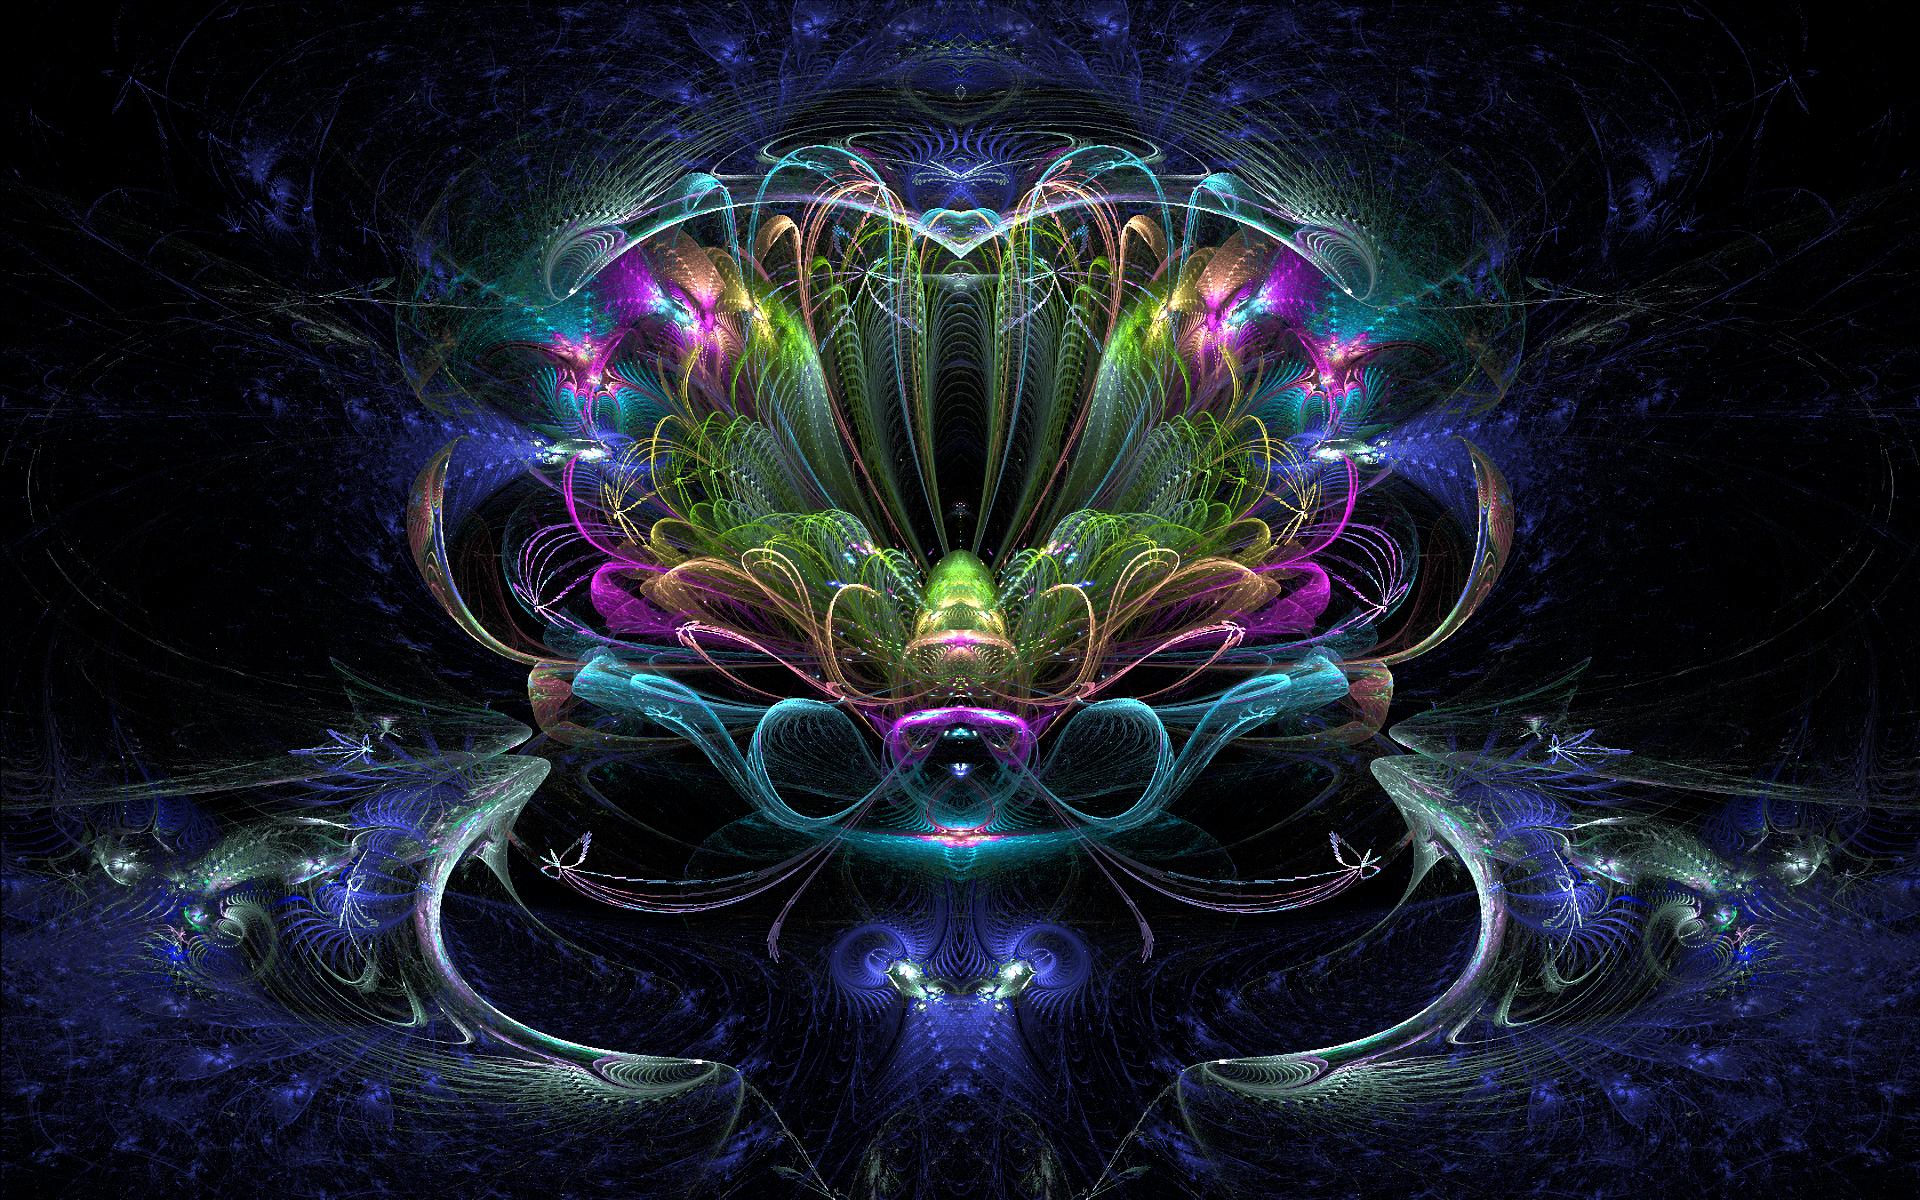 Abstrakt - Fractal  Abstrakt Neon Colorful Bakgrund